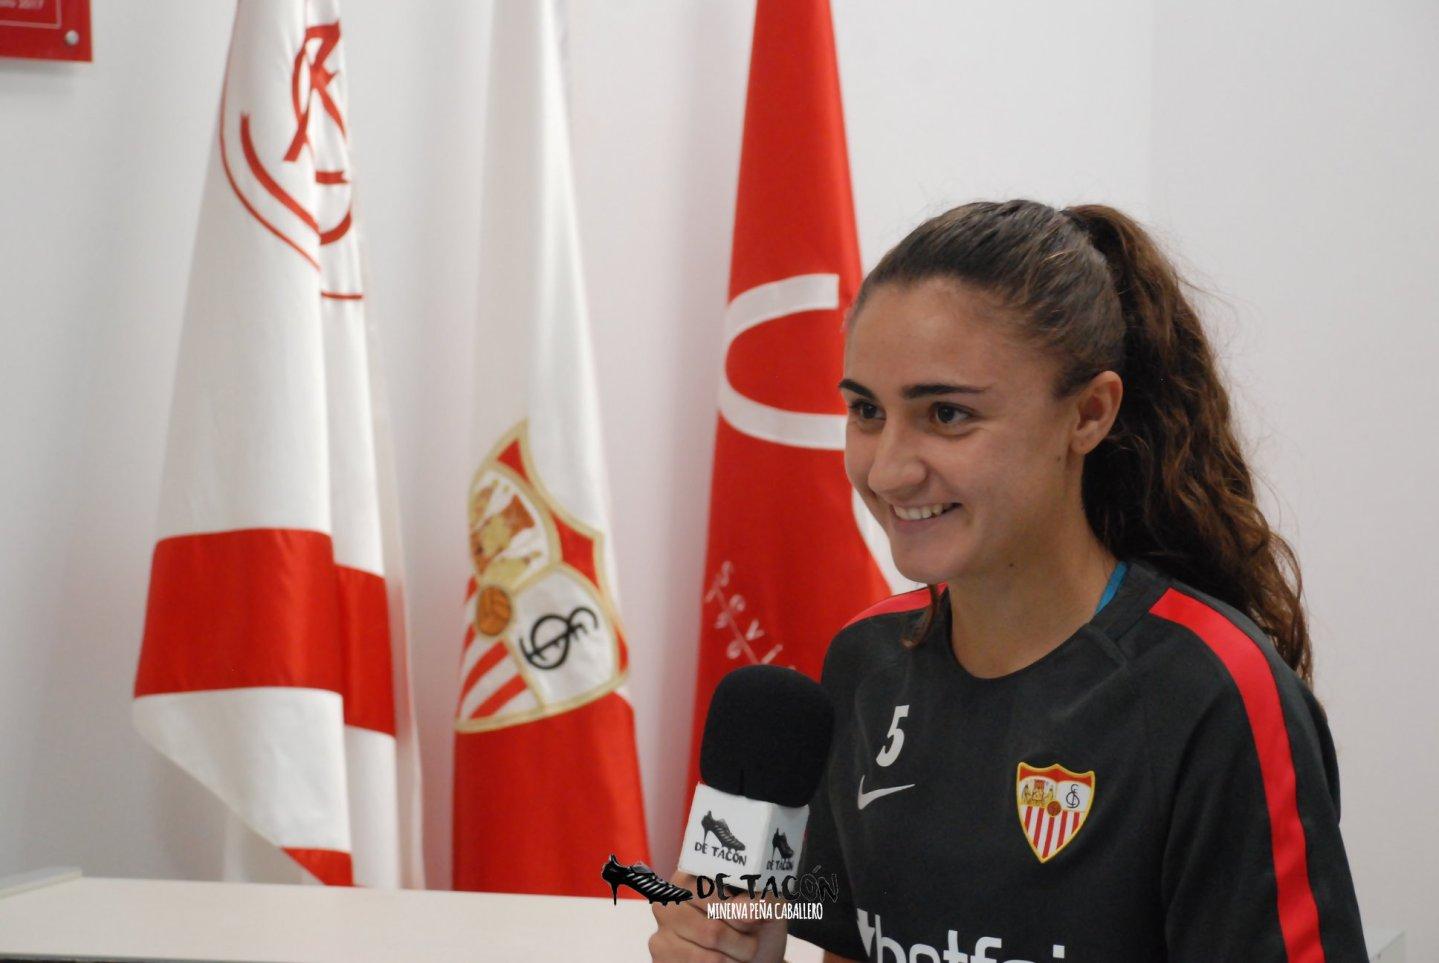 Blanca Moreno rescinde de mutuo acuerdo su contrato con el Sevilla FC